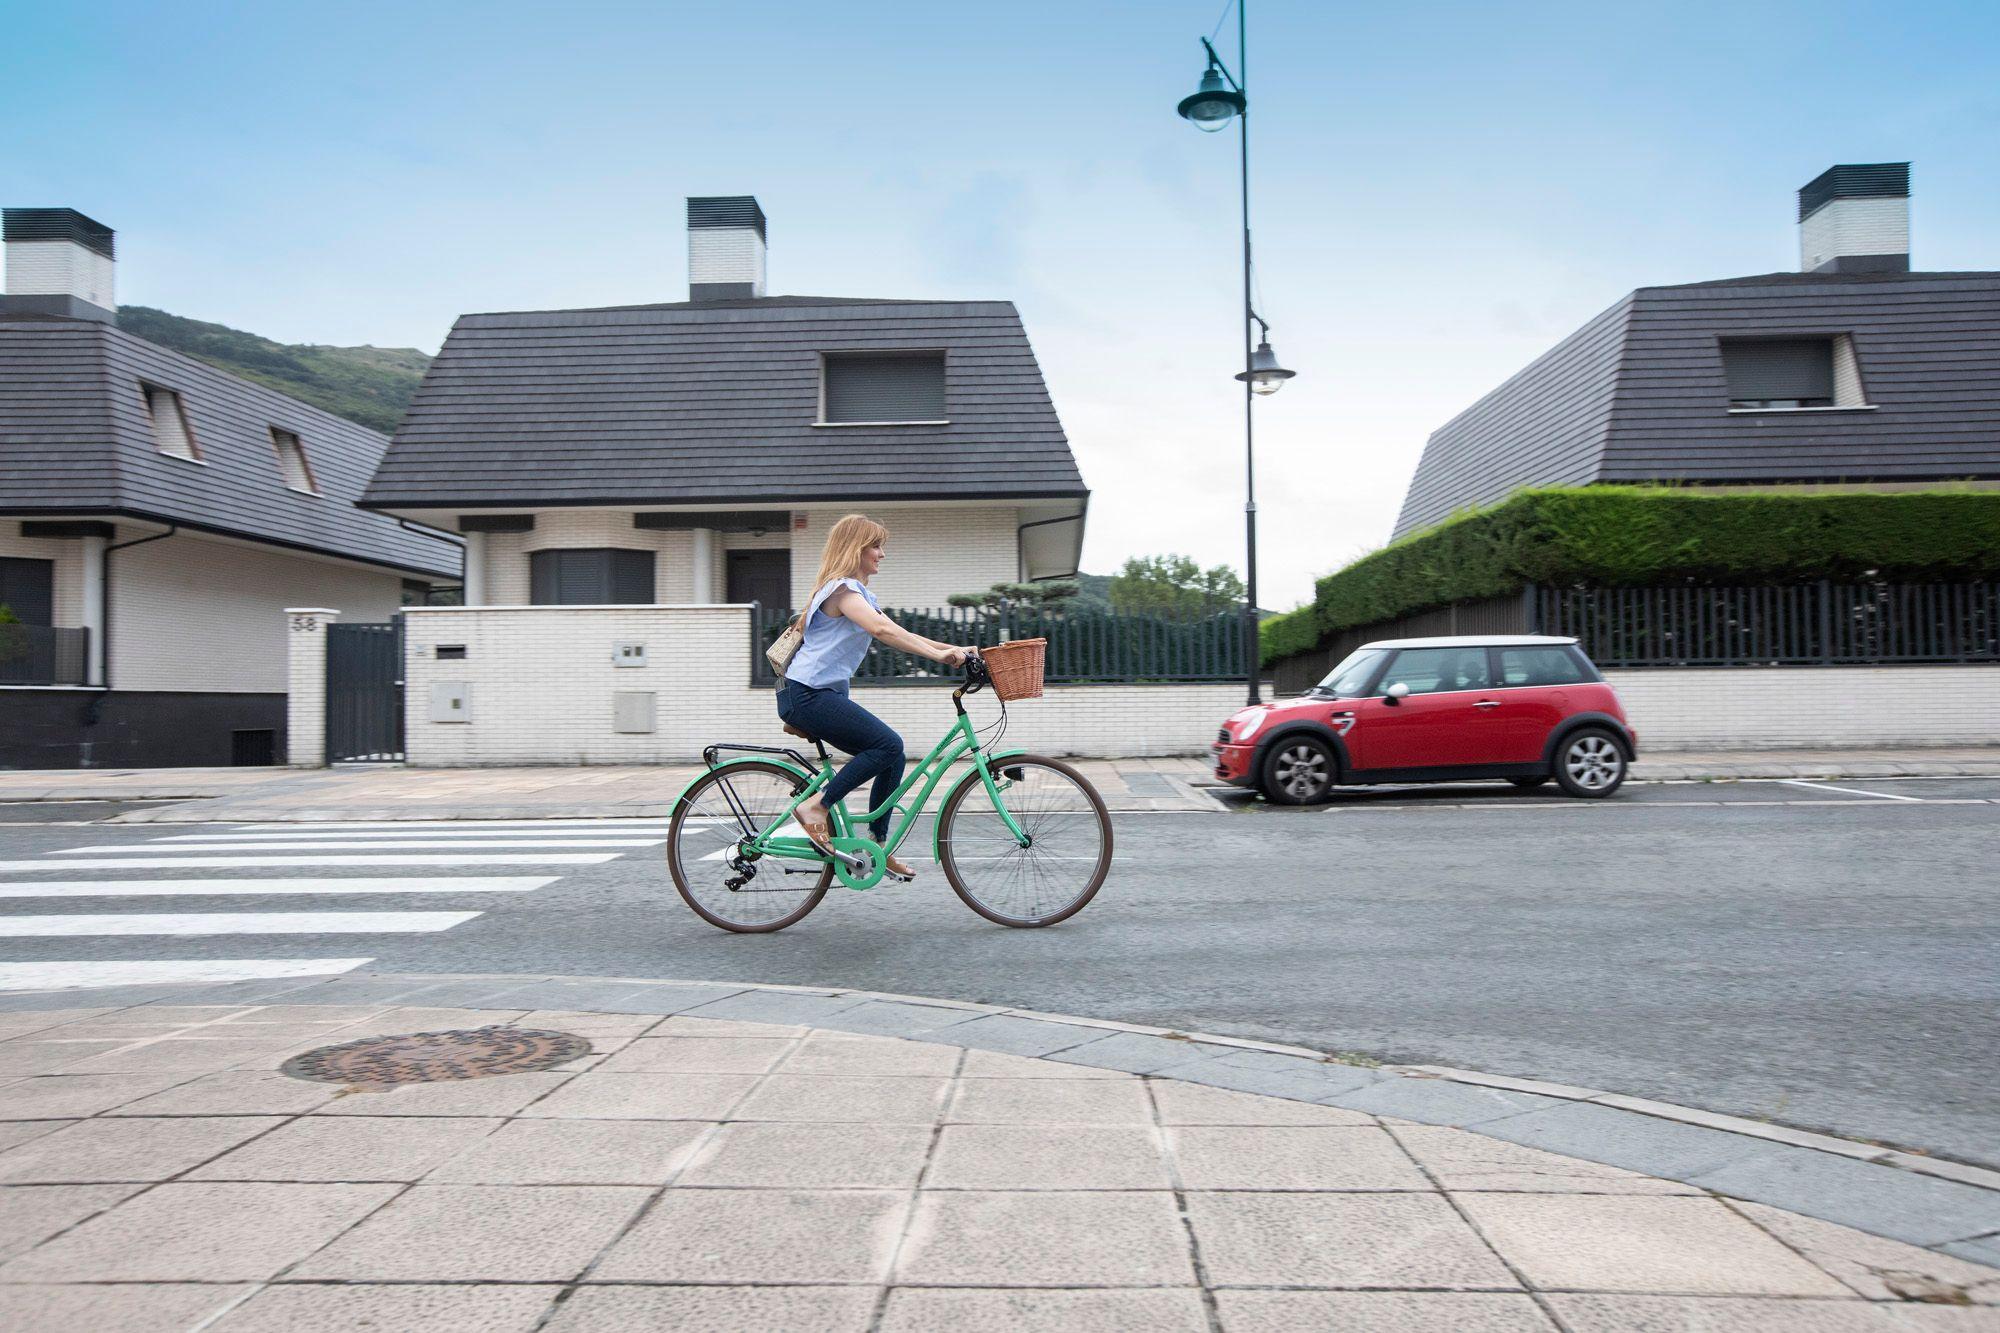 """Conor desarrolla diversas acciones para """"mejorar la vida pedaleando"""""""